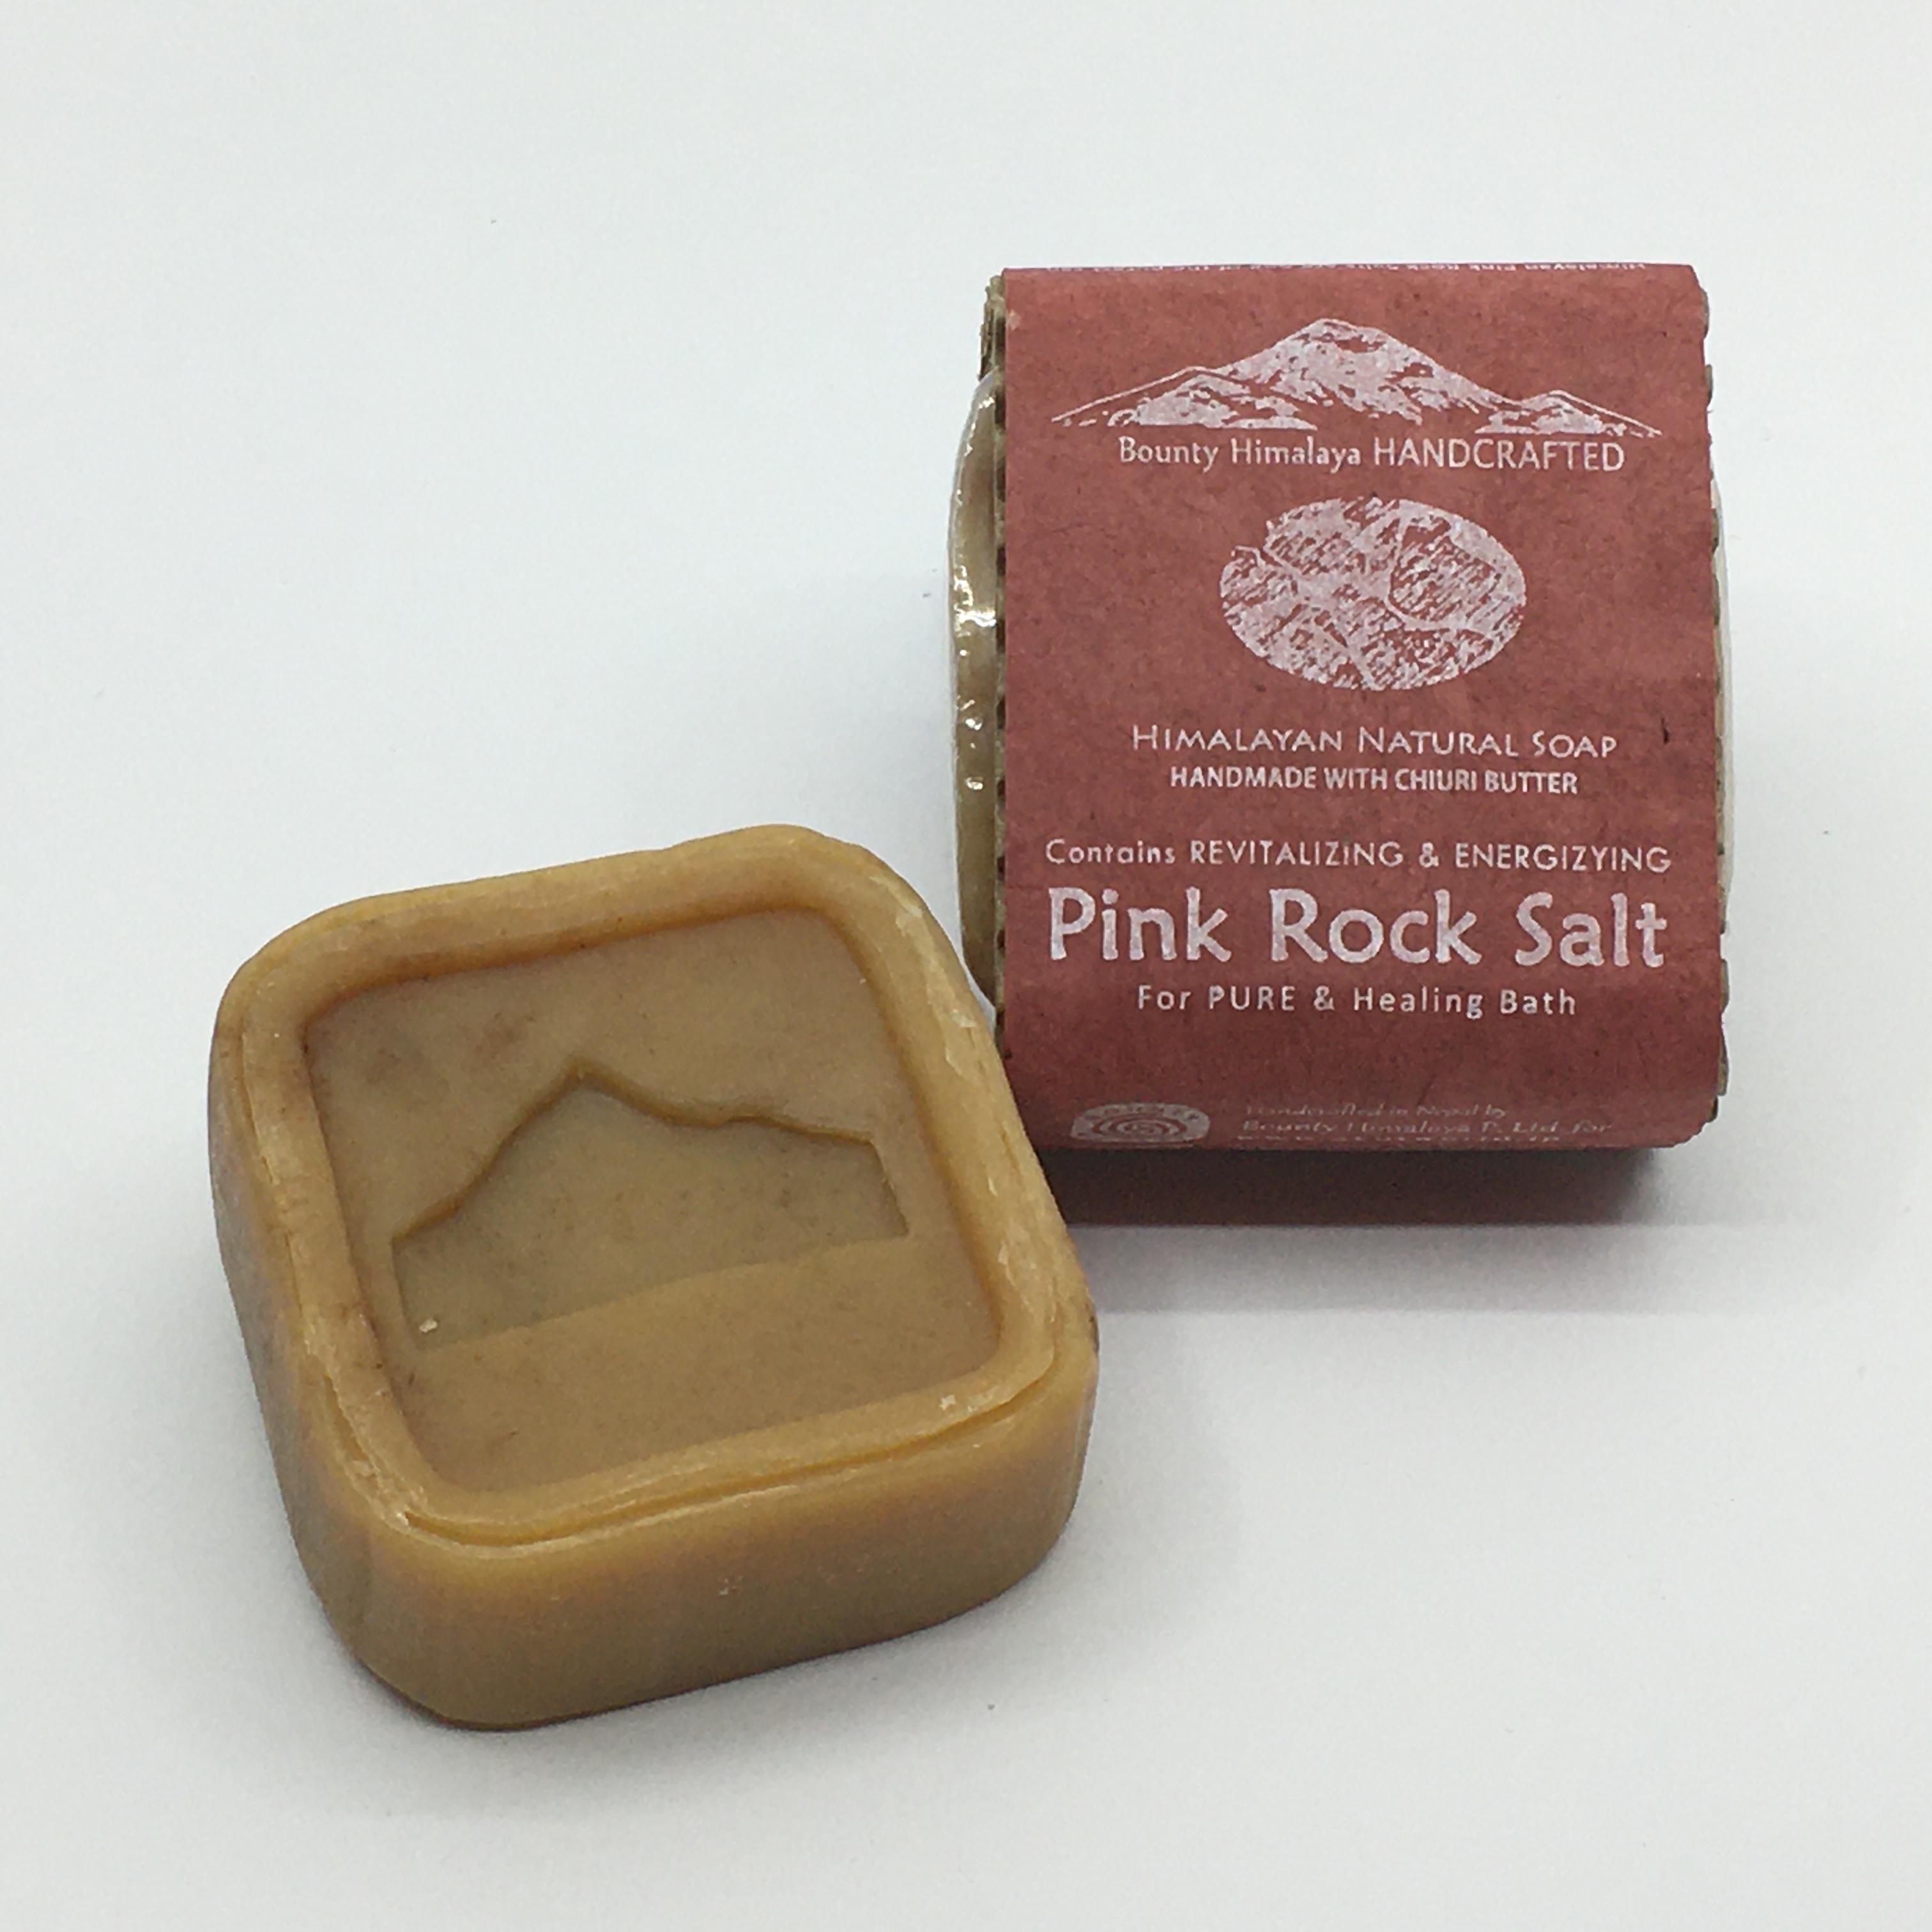 アーユルヴェーダピンクソルトソープ〈浄化〉Bounty Himalaya Pink Rock Salt Soap